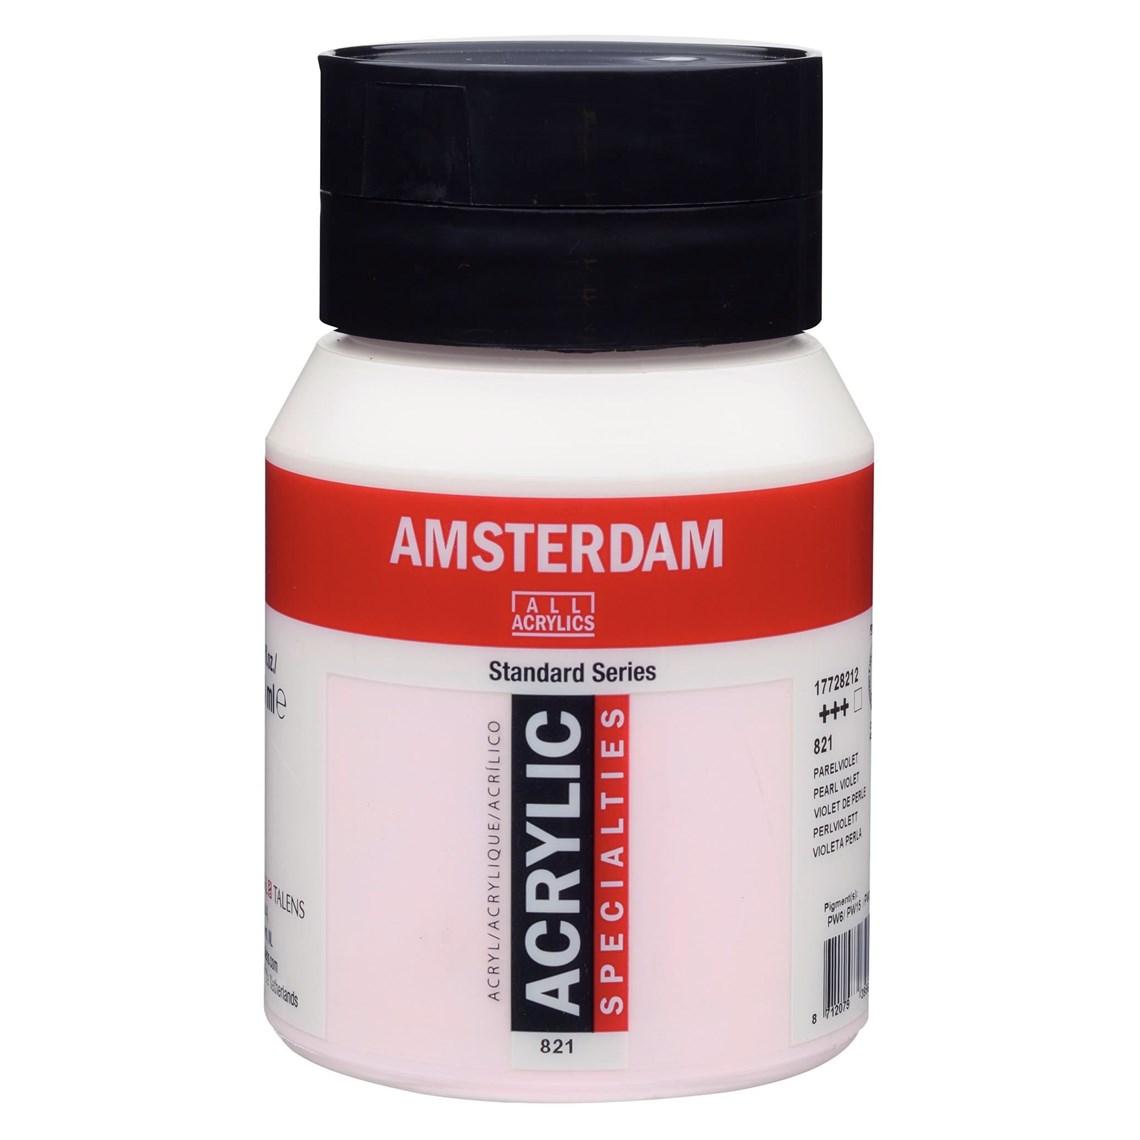 Amsterdam Parelviolet 821 specialties Angelart Kunst en zo